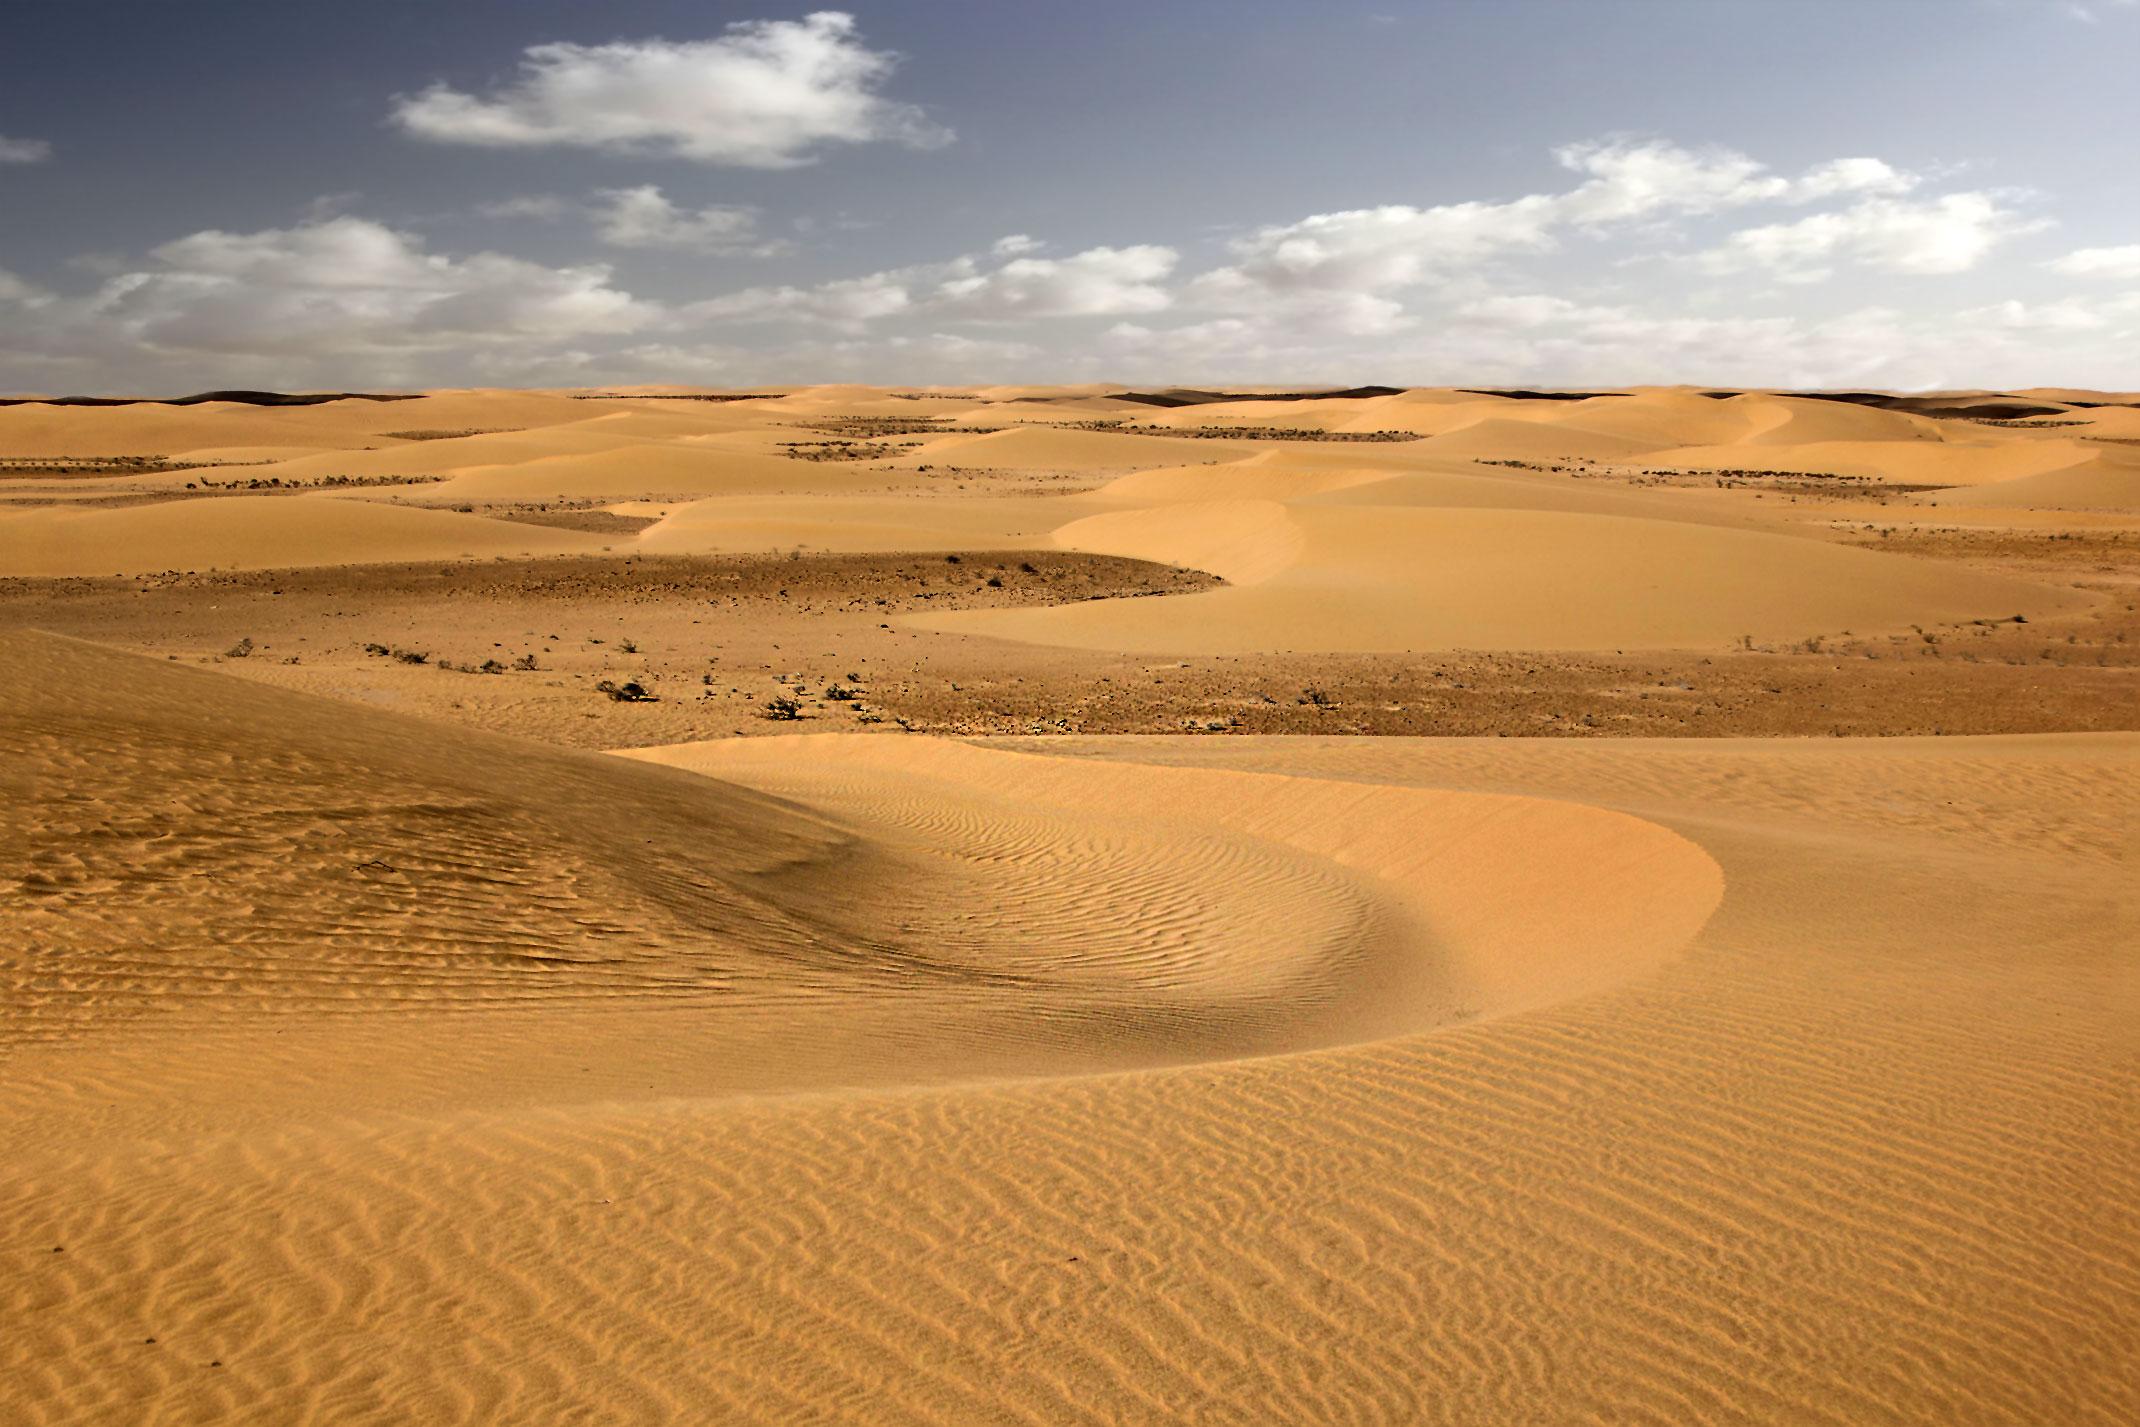 Piaski pustyni.Sahara